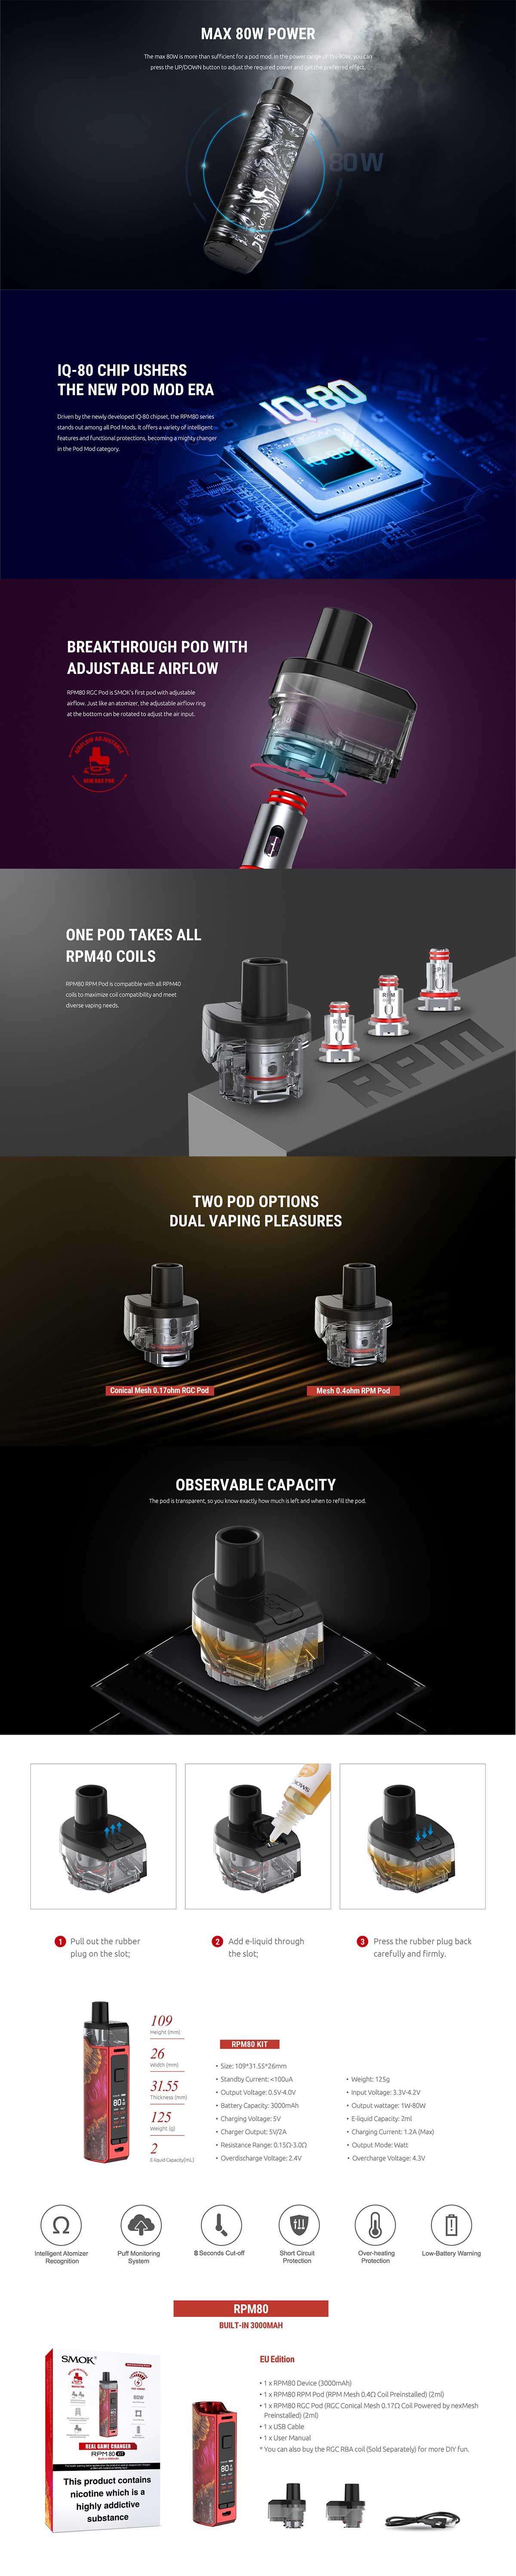 Smok RPM 80, características